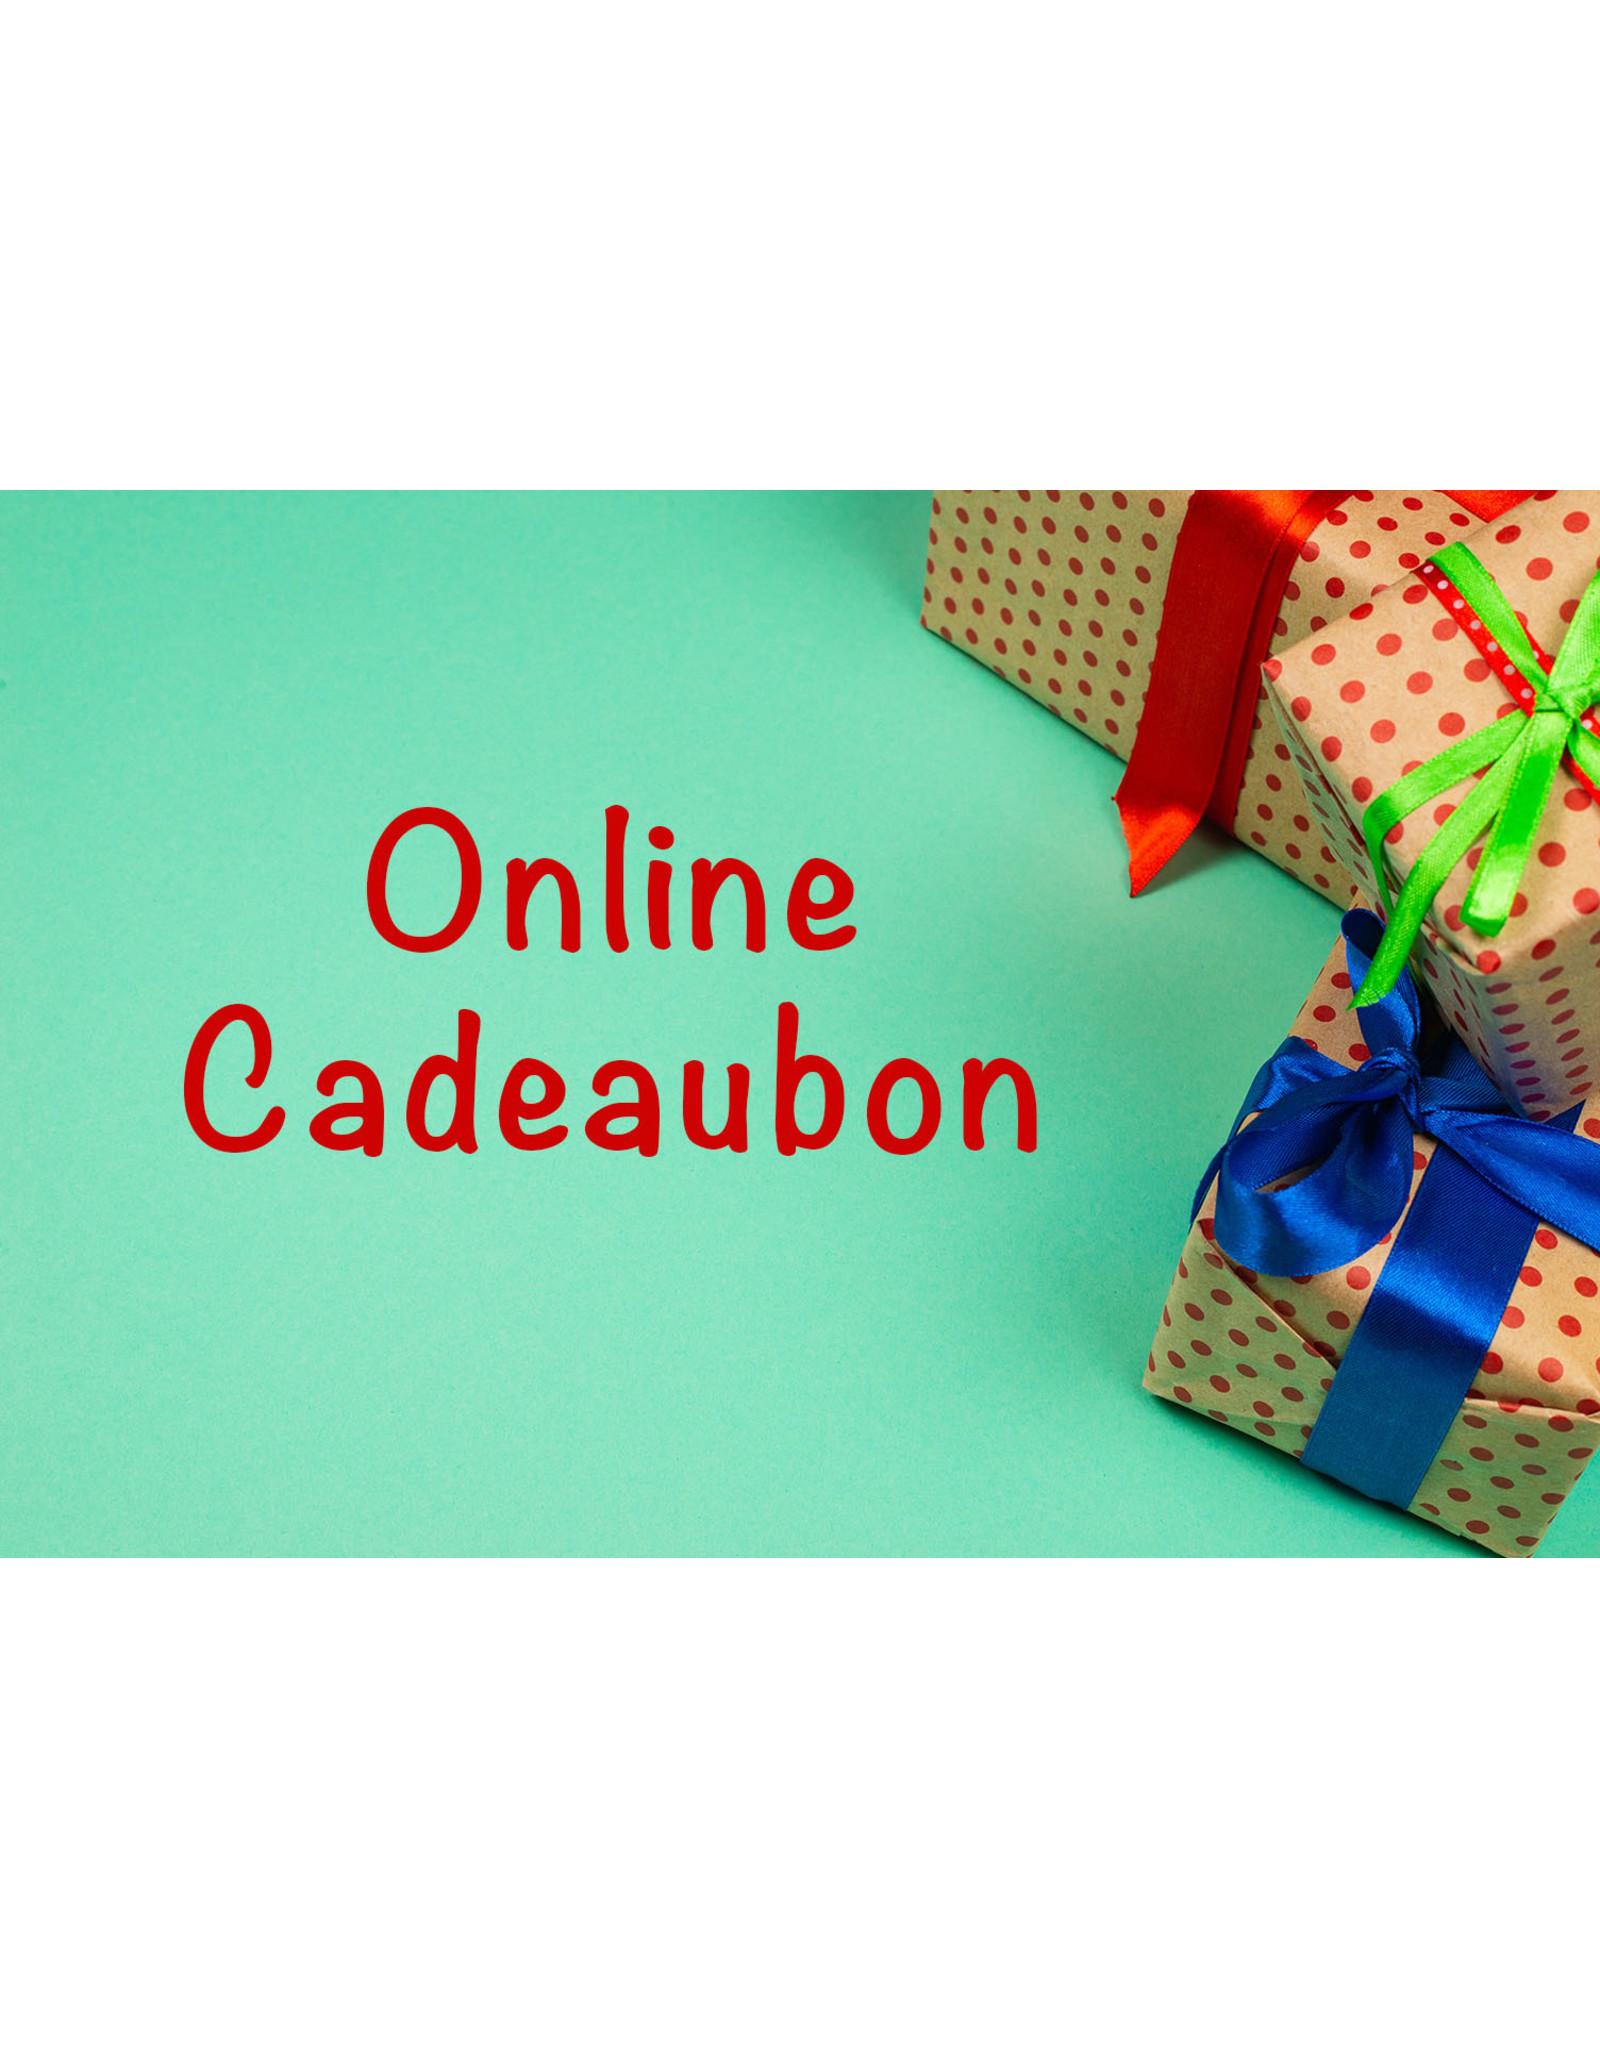 Cadeaubon - Online